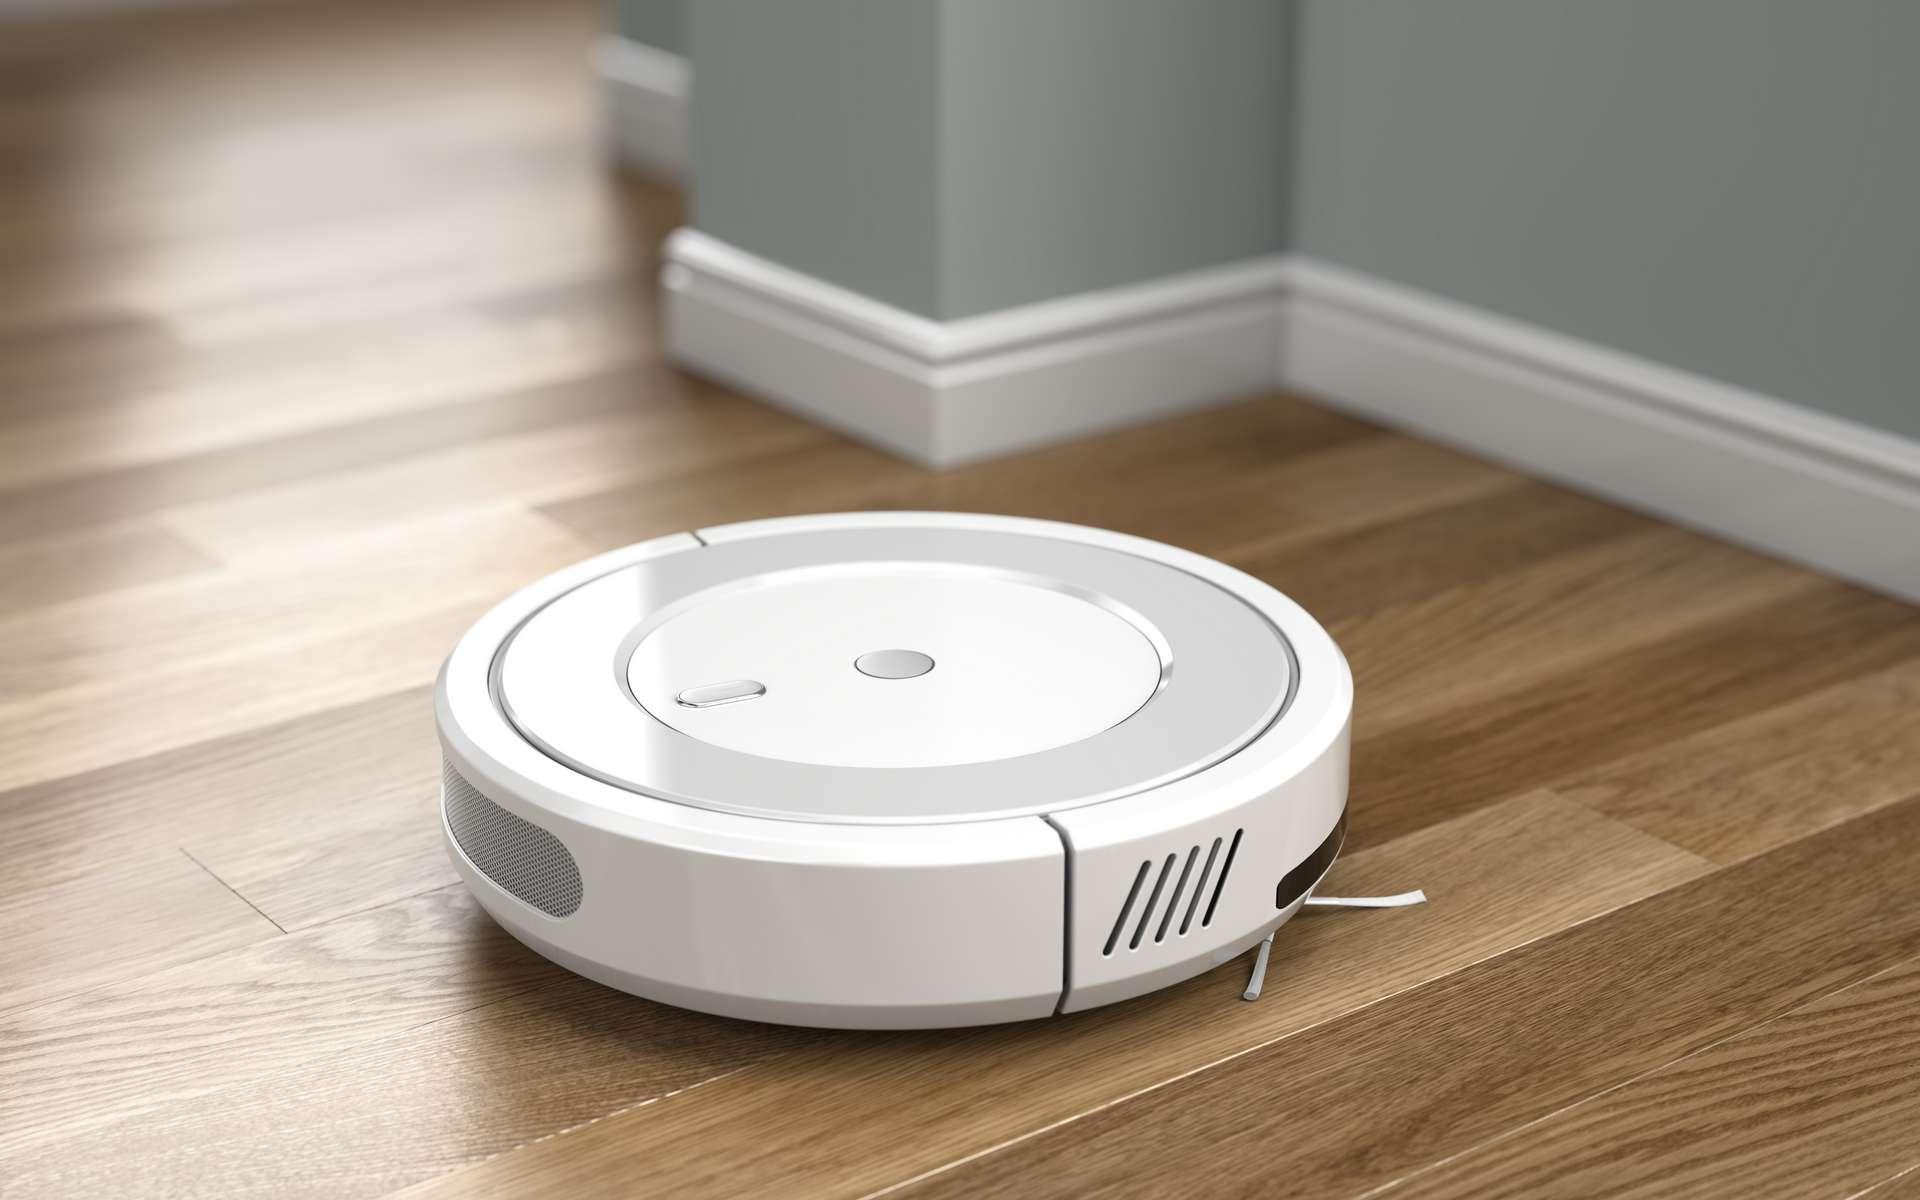 À la recherche d'un aspirateur robot ? Découvrez les meilleures offres et réductions du Prime Day Amazon 2020 © Sashkin, Adobe Stock